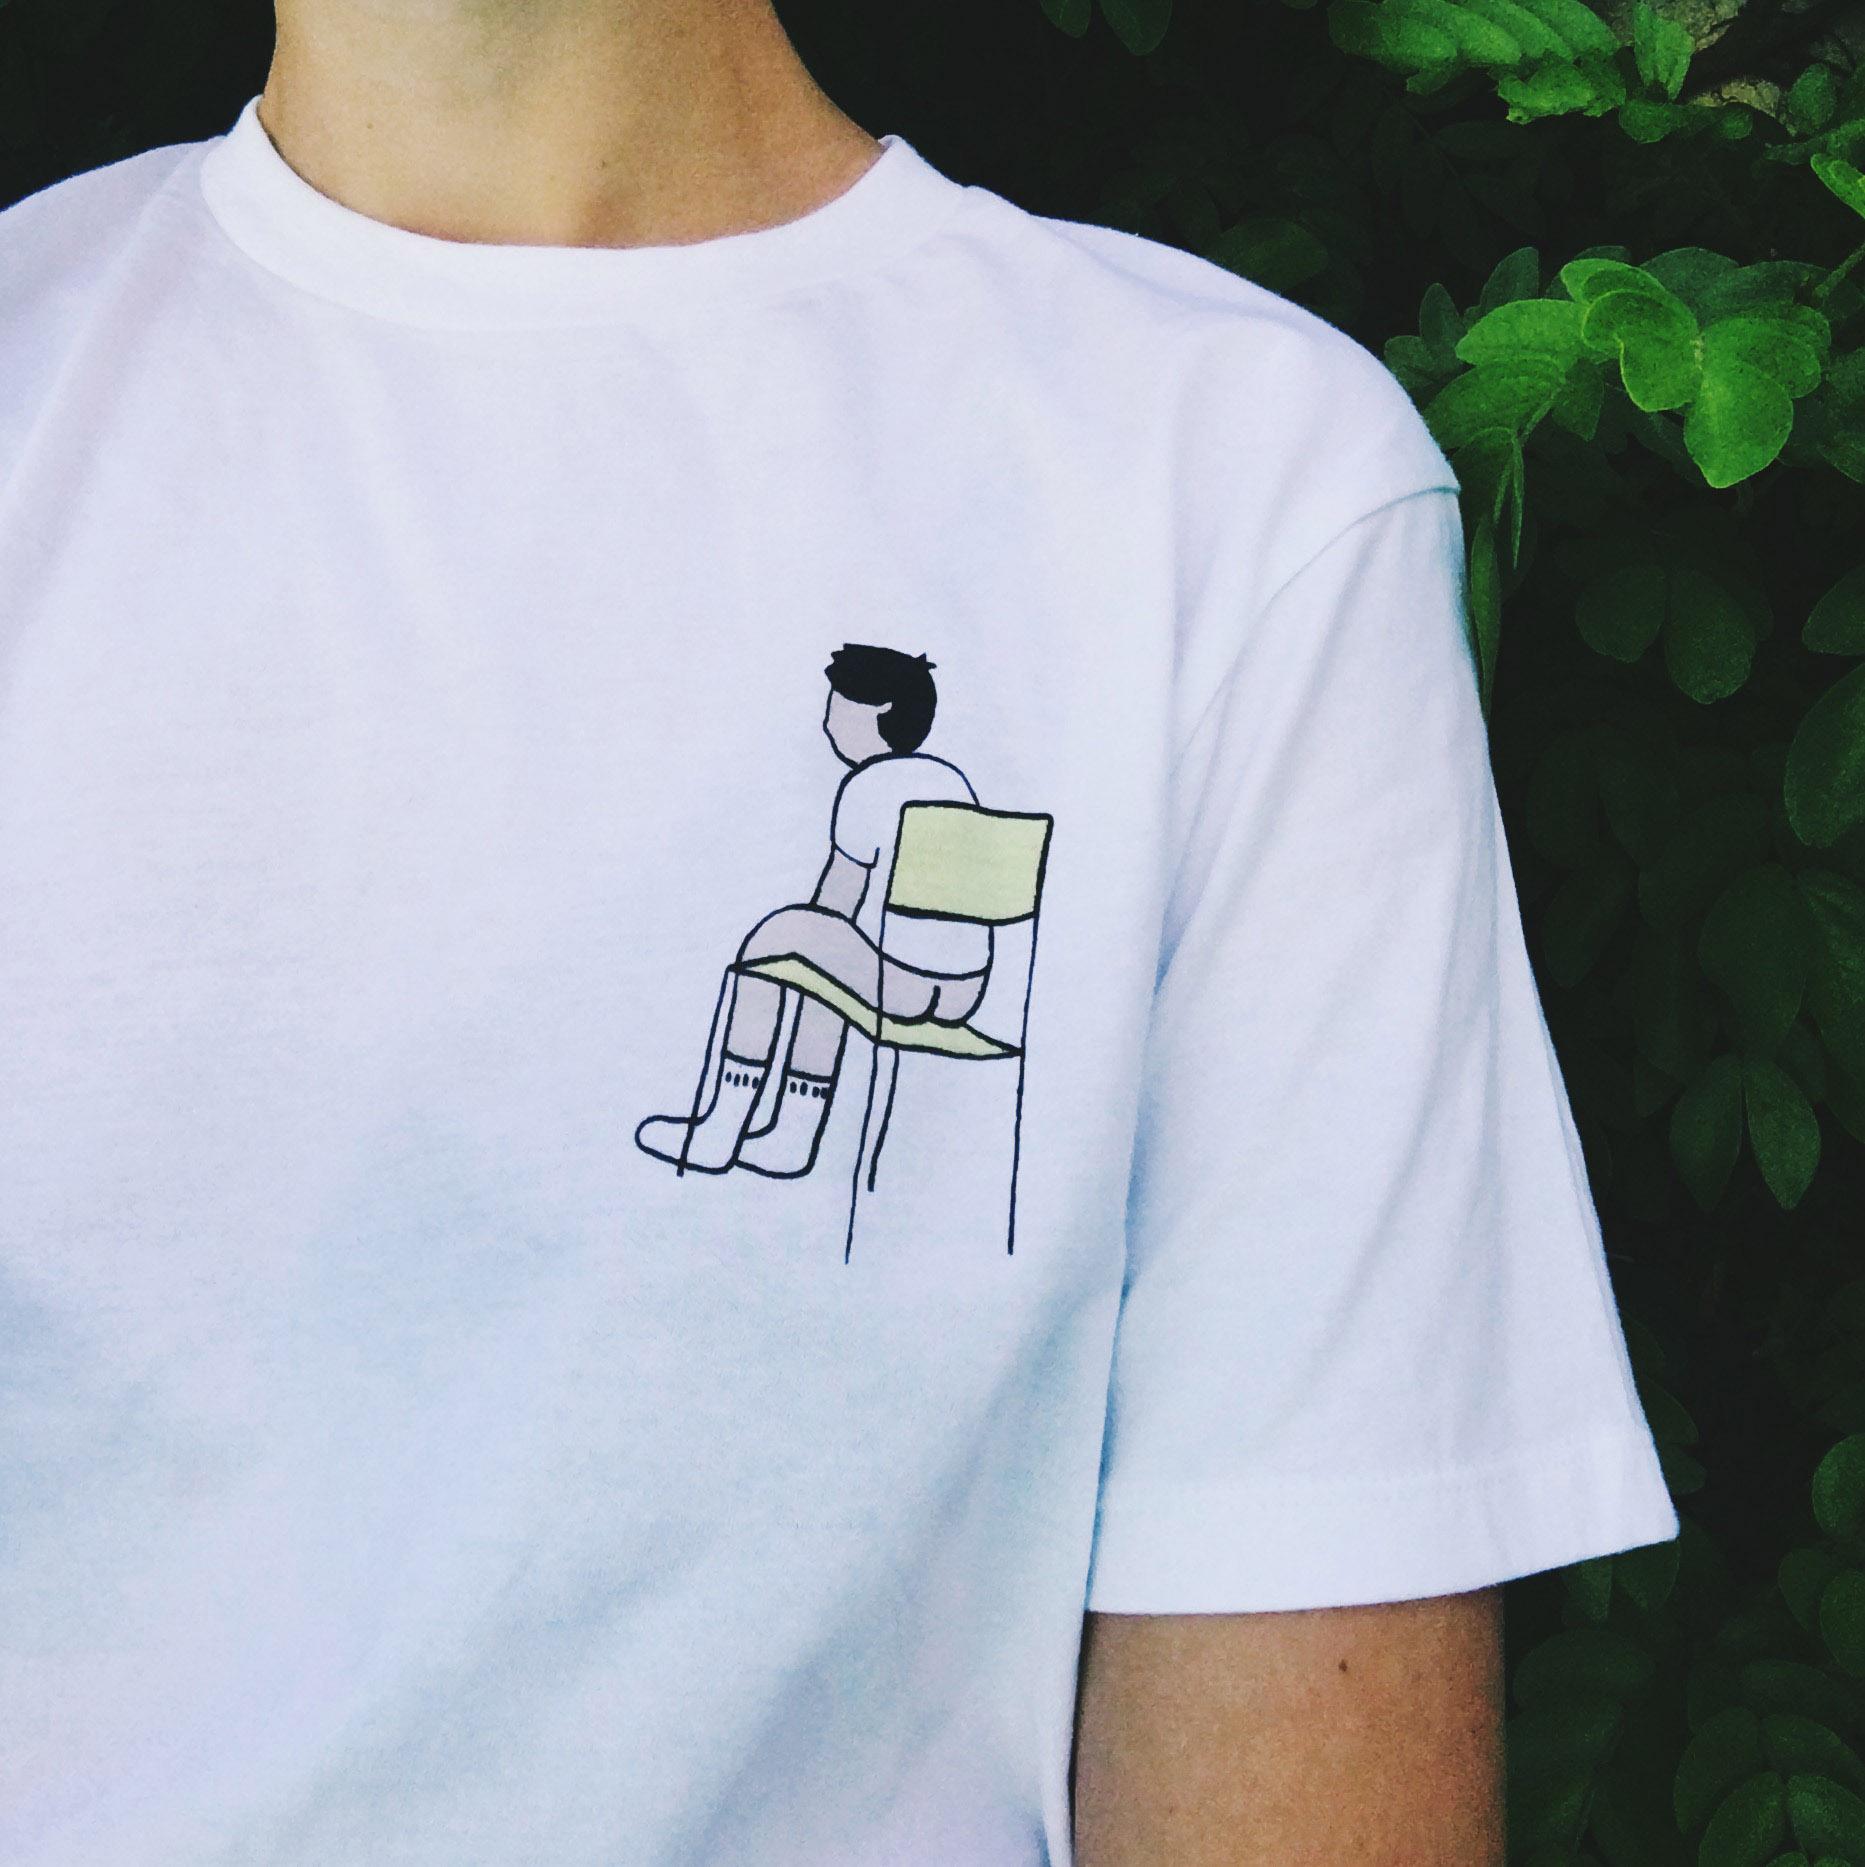 brightener_shirt_1.jpg